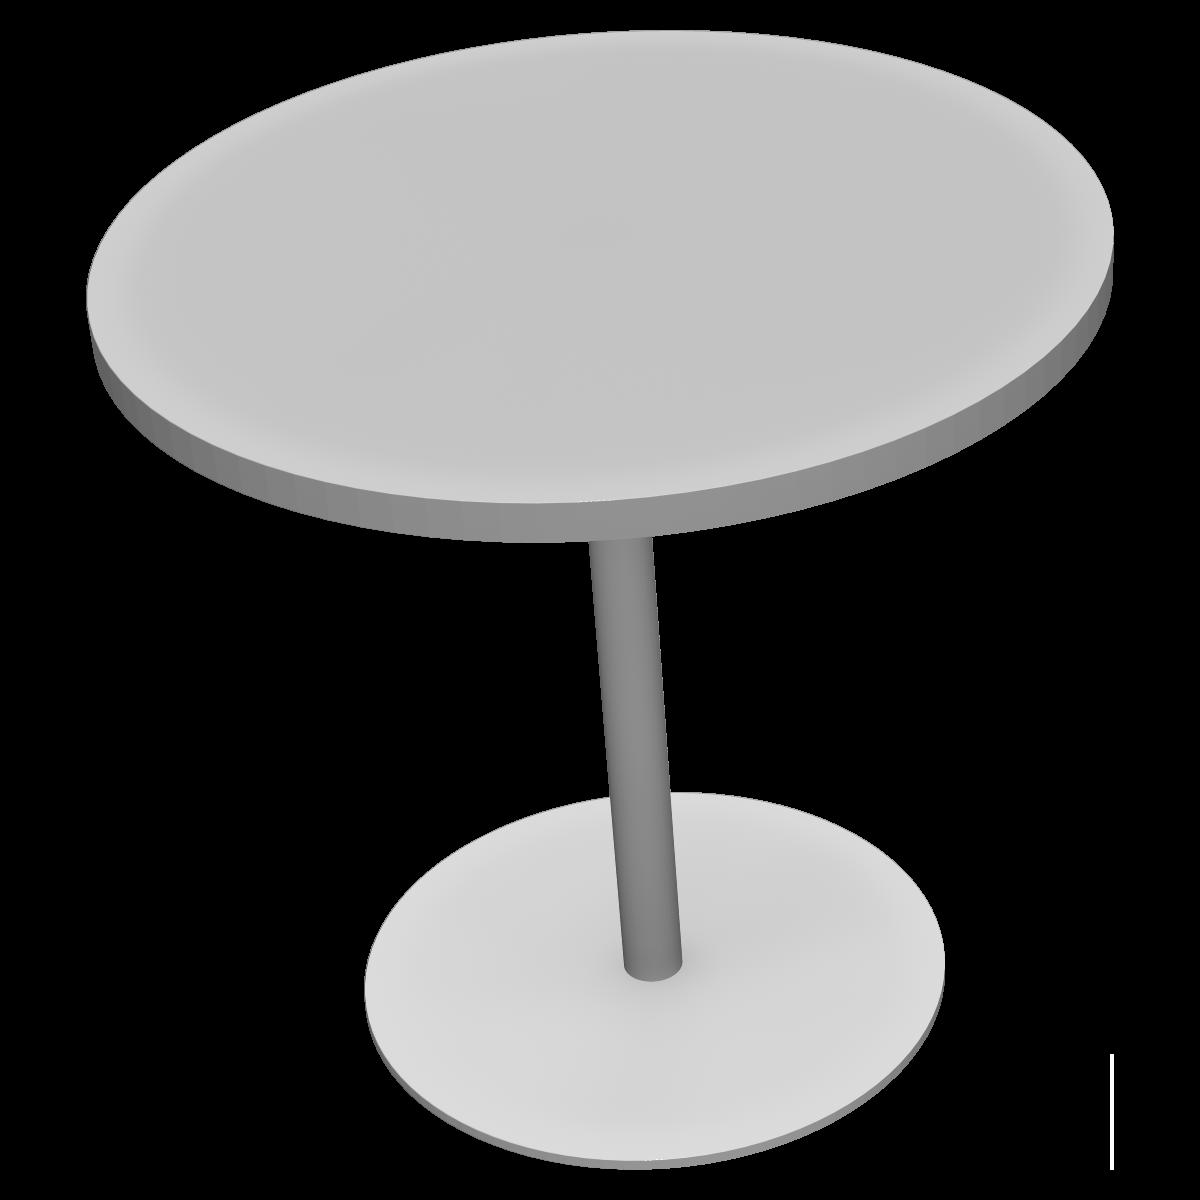 丸型ミーティングテーブルの3Dイラスト